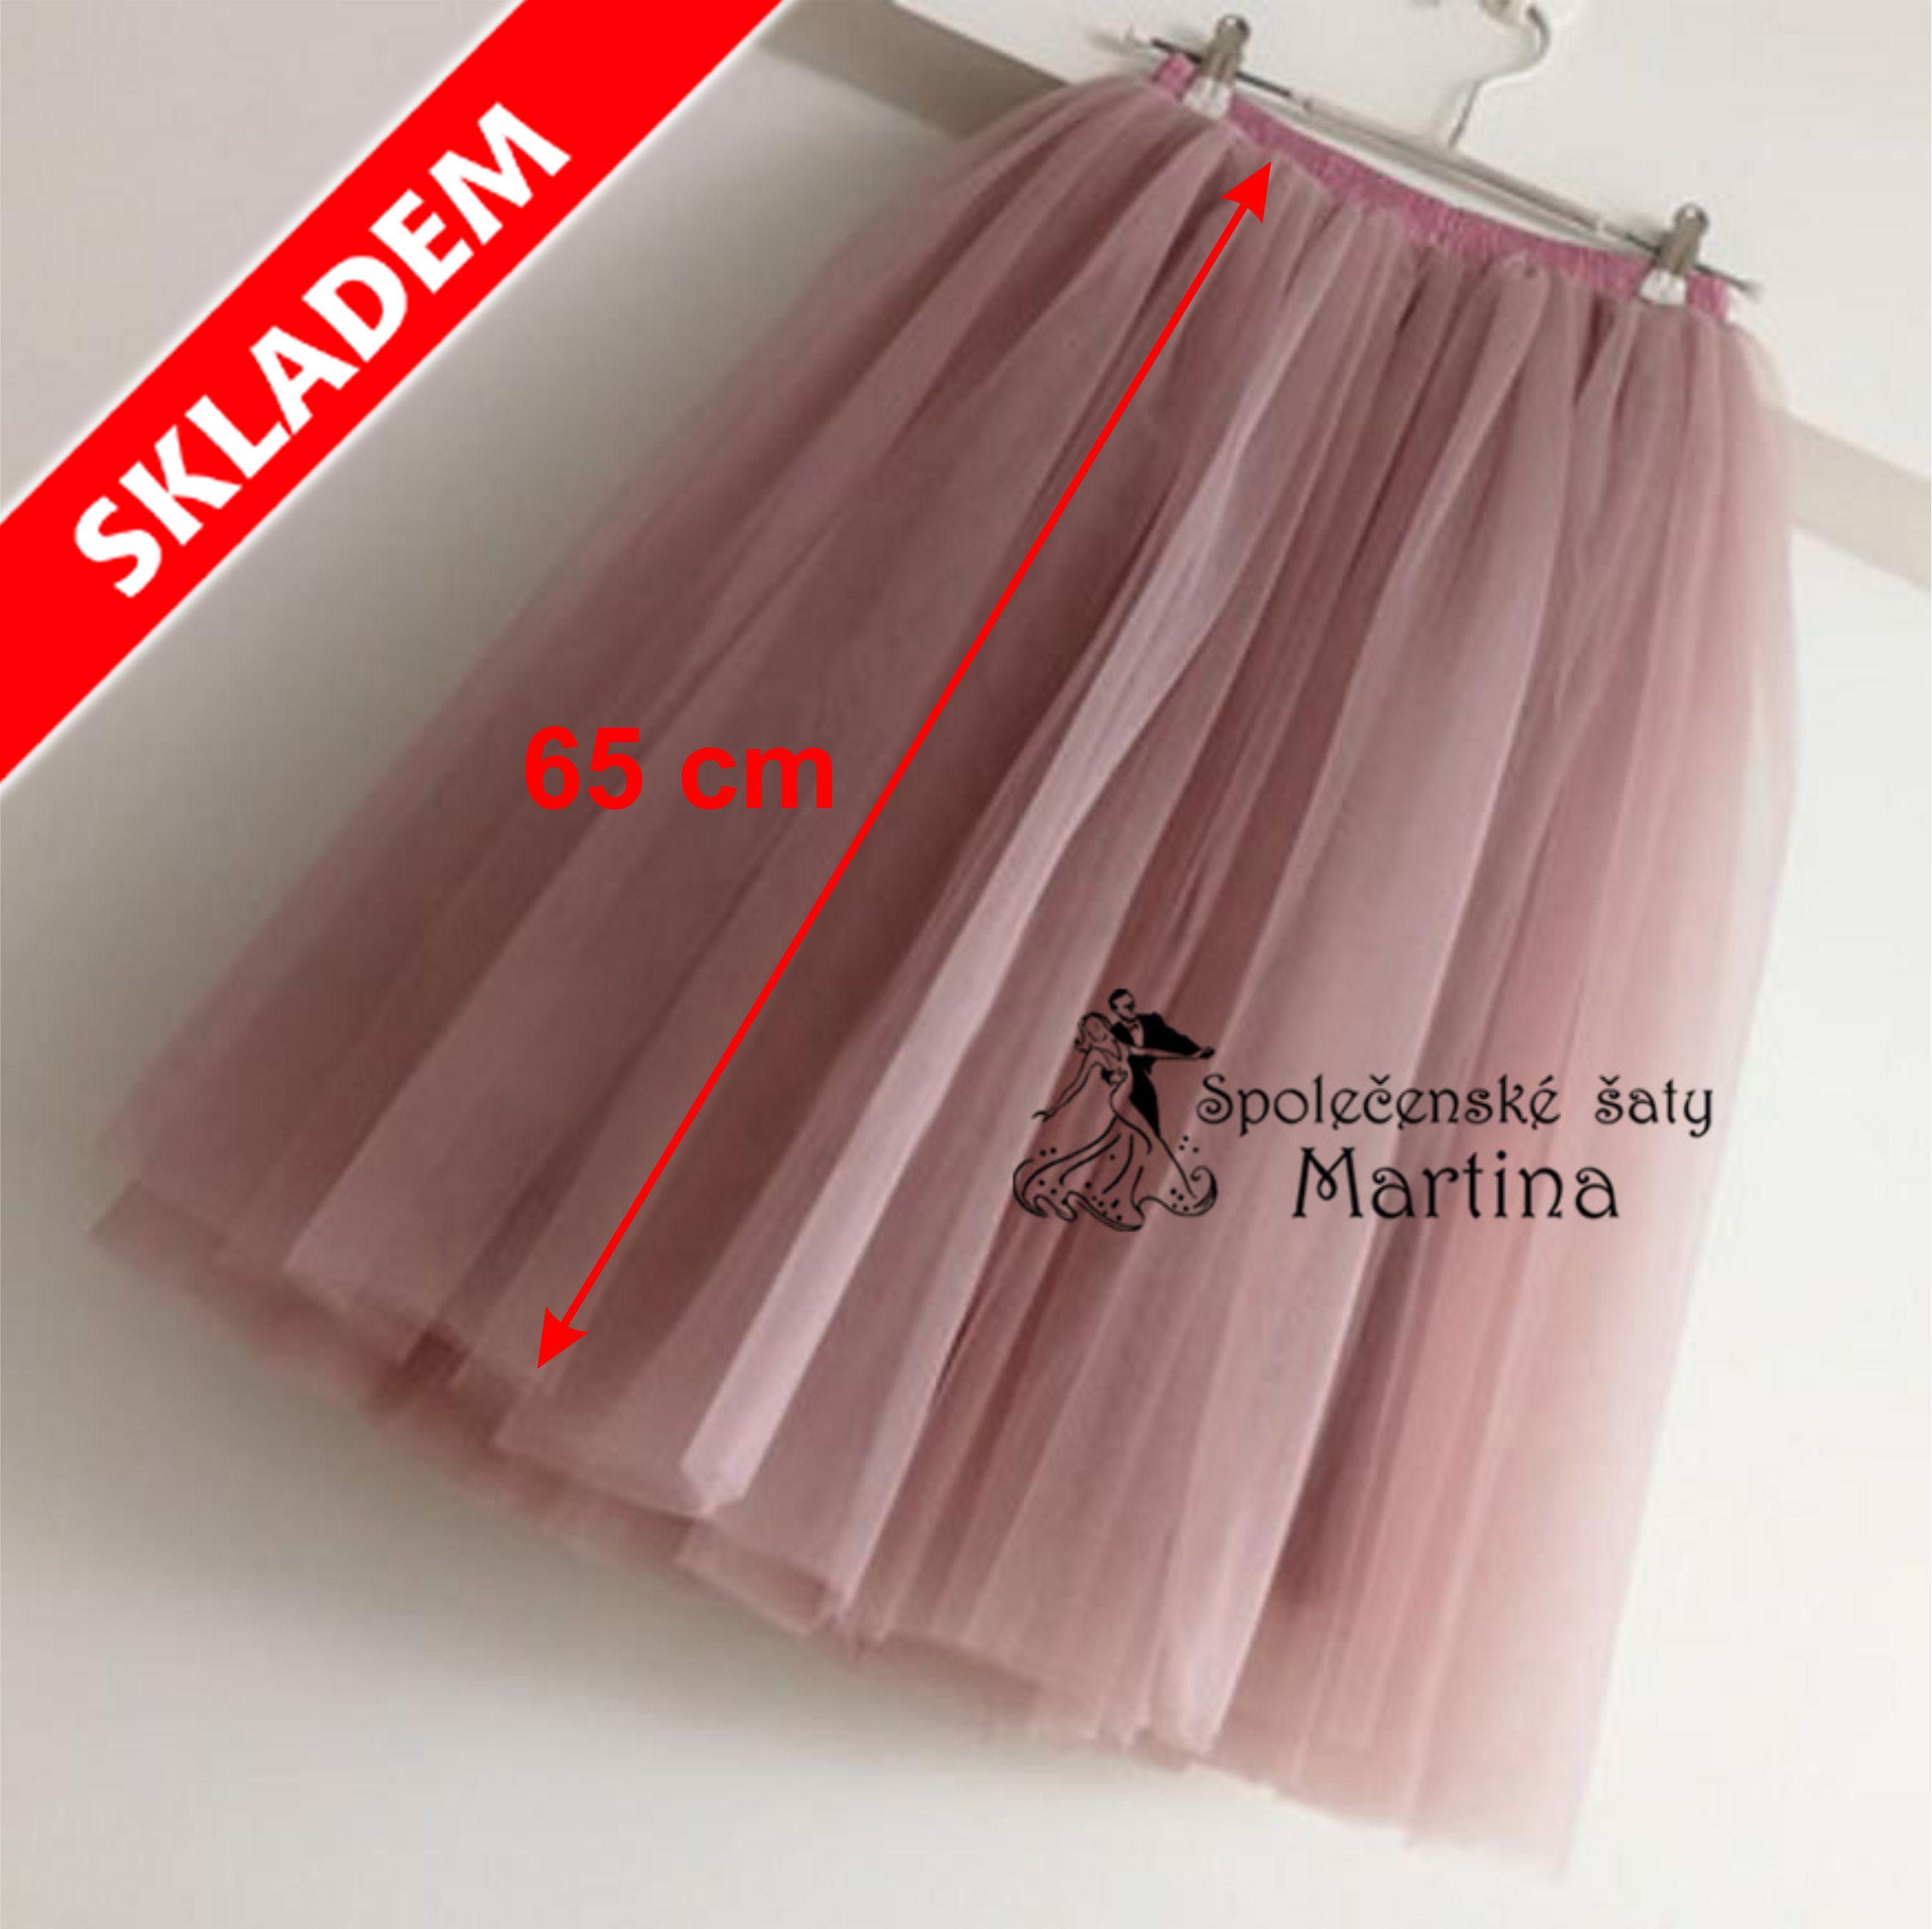 5-vrstvá tylová sukně - 65 cm 5327d3a458